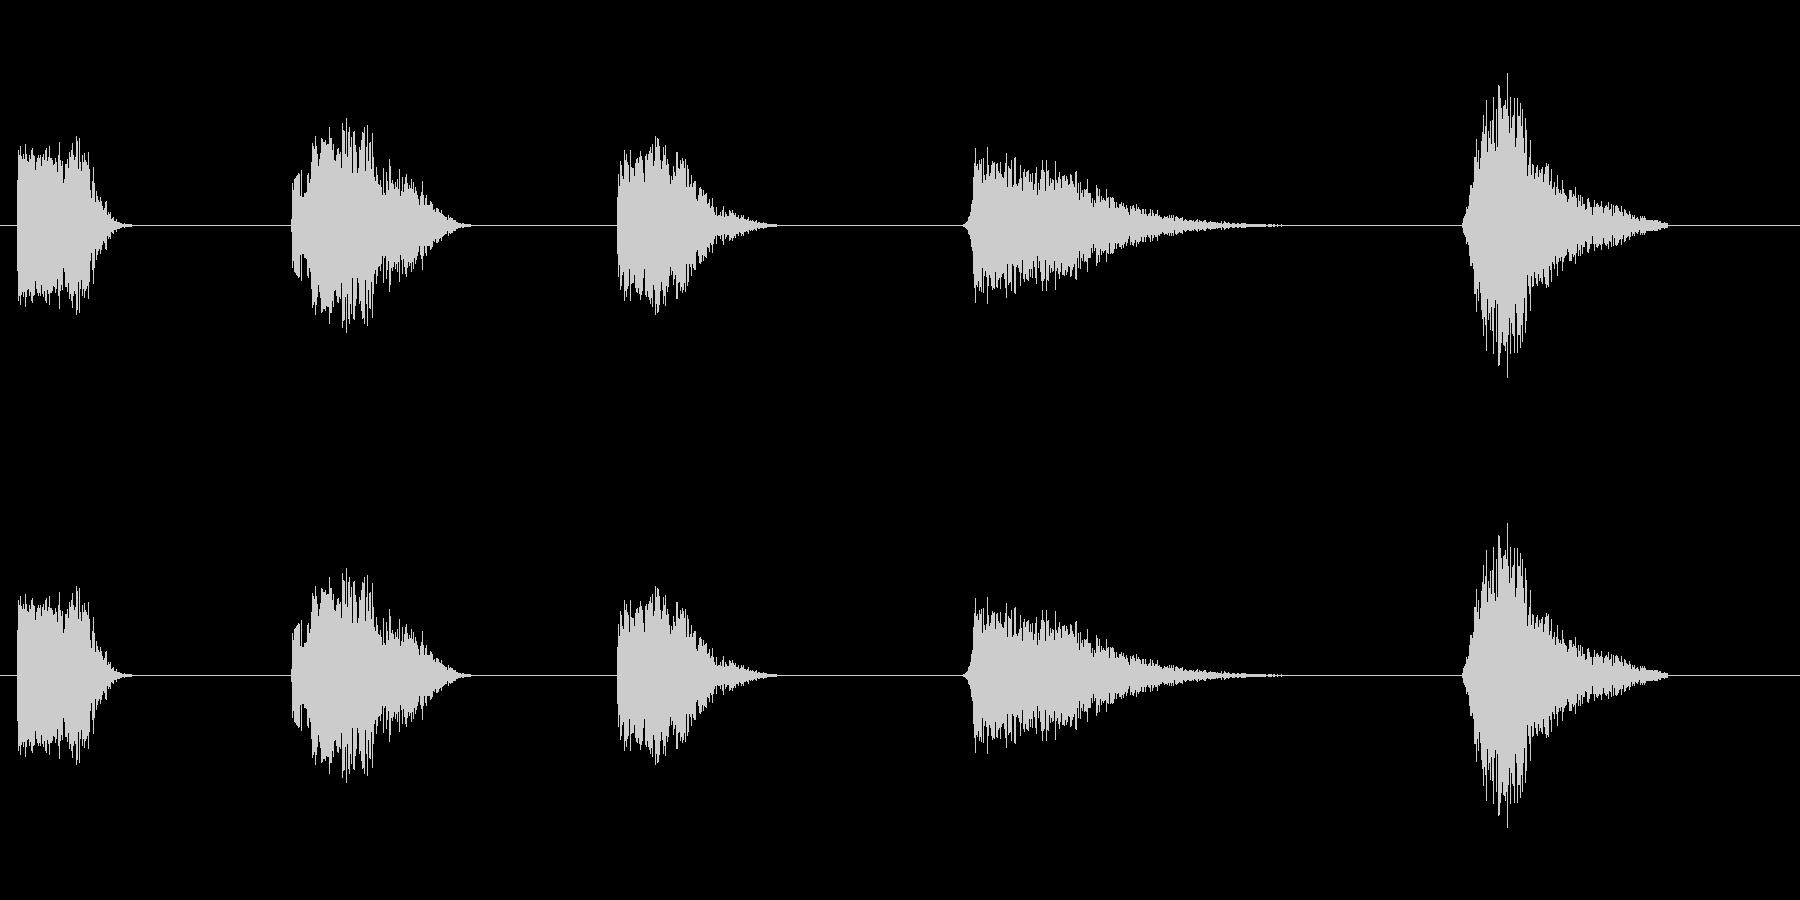 通過中に爆発宇宙船が爆発する(5バ...の未再生の波形